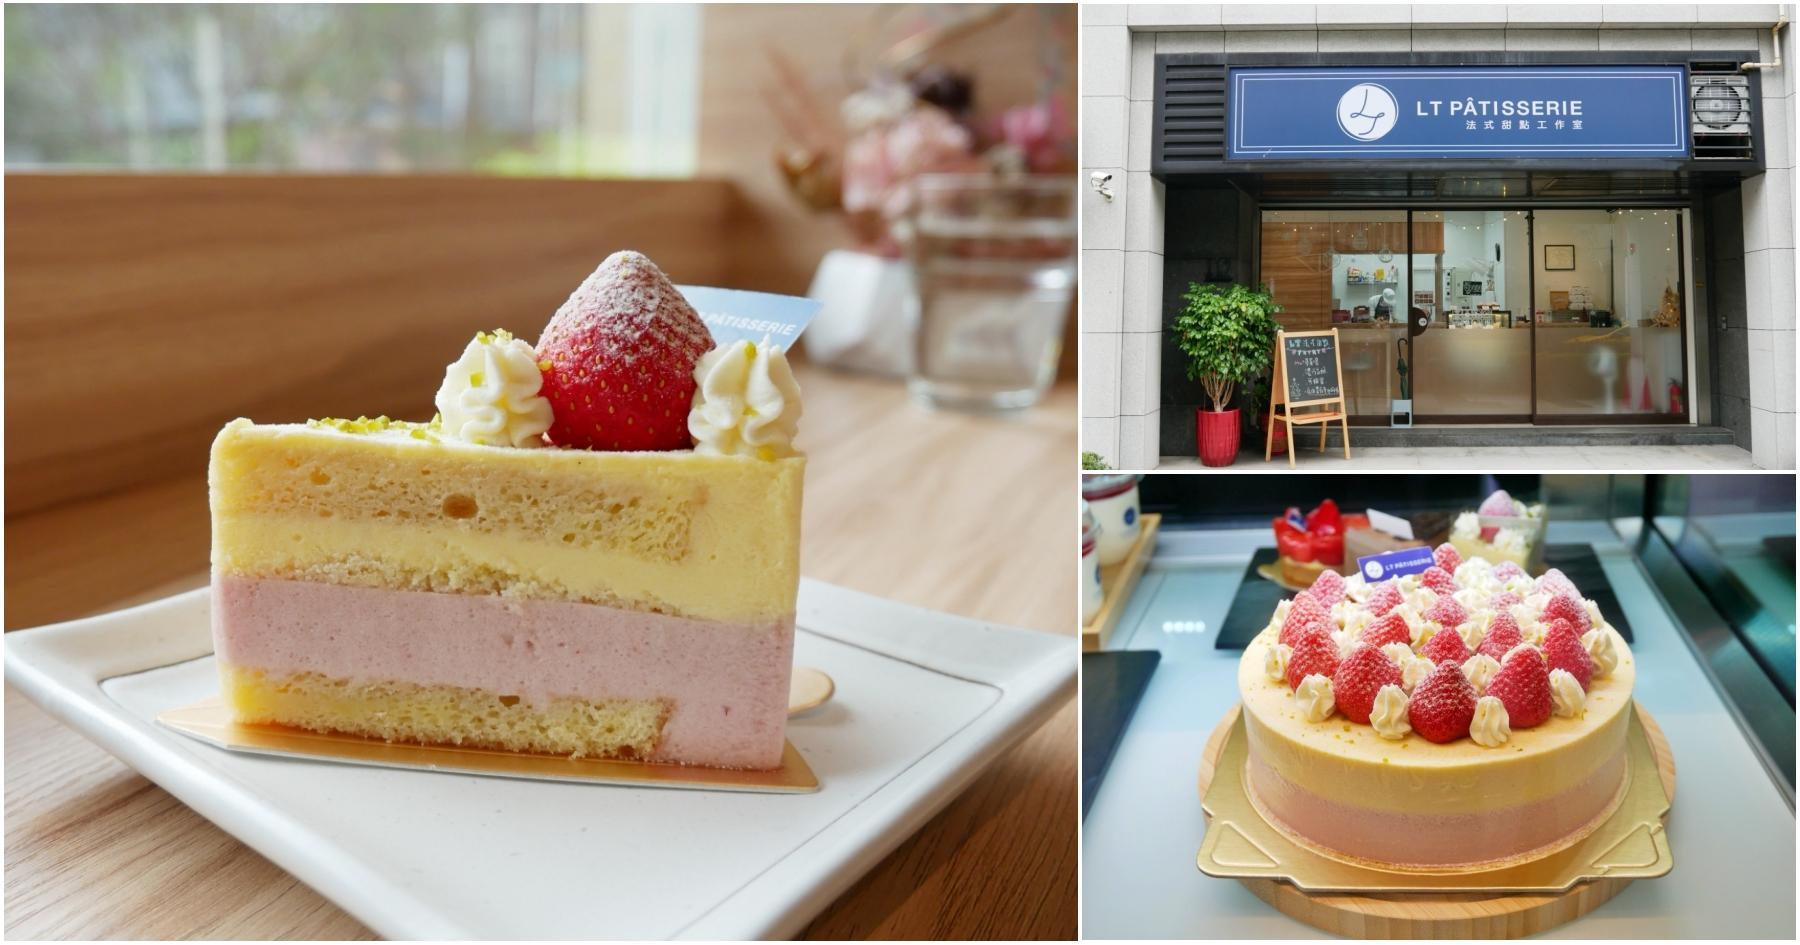 最新推播訊息:[中壢美食]LT Pâtisserie 法式甜點工作室|隱身在社區之中的甜點店~冬天草莓季開始囉